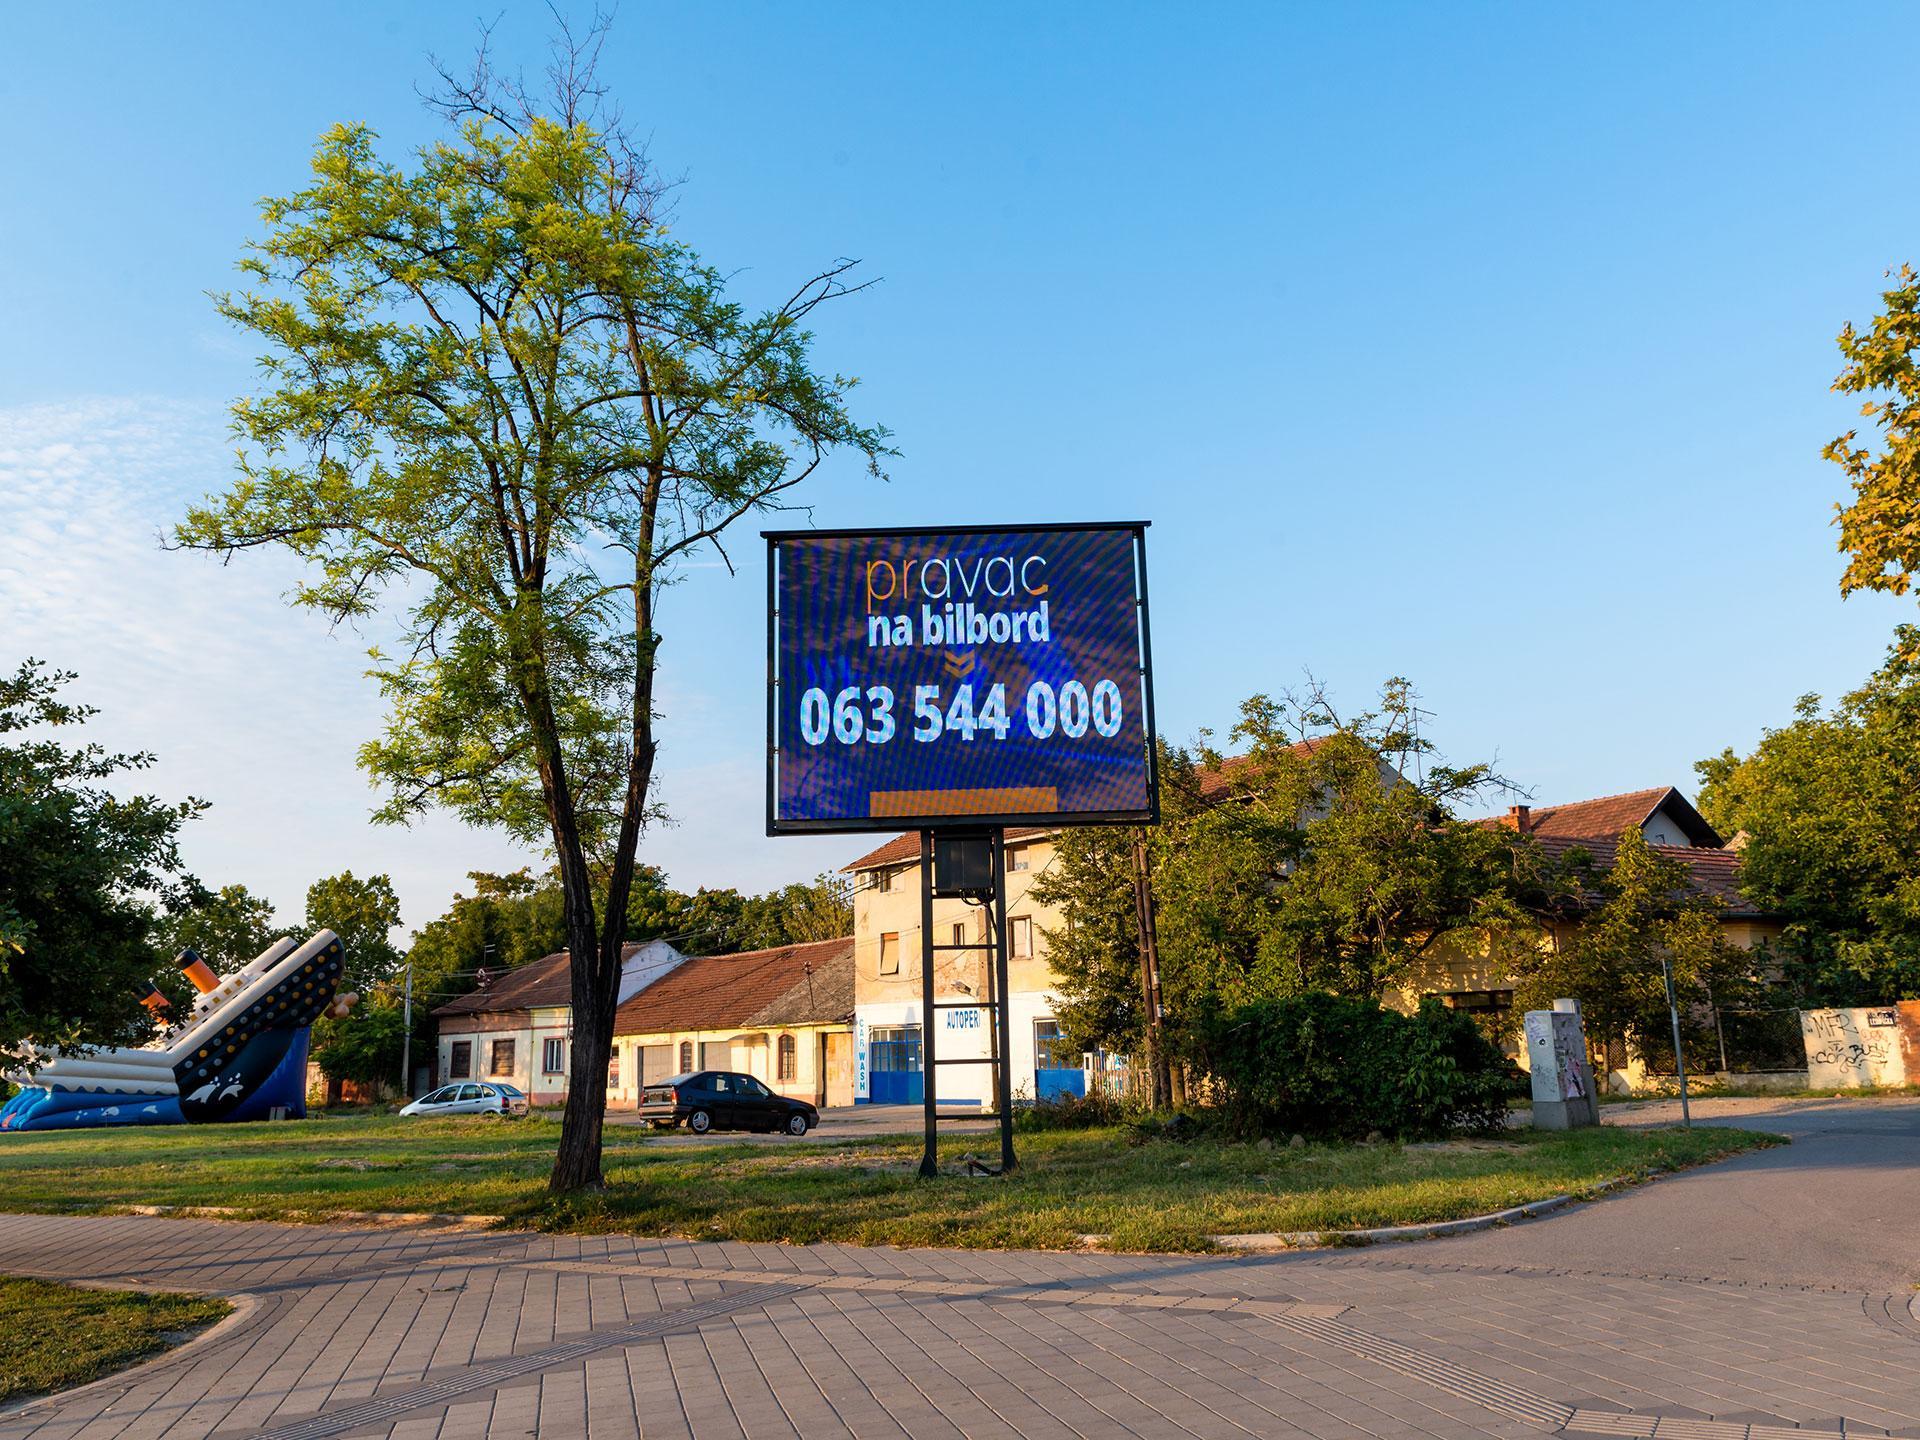 Zakup LED bilborda,Zakup LED bilborda novi sad,outdoor oglašavanje,led bilbord,novi sad